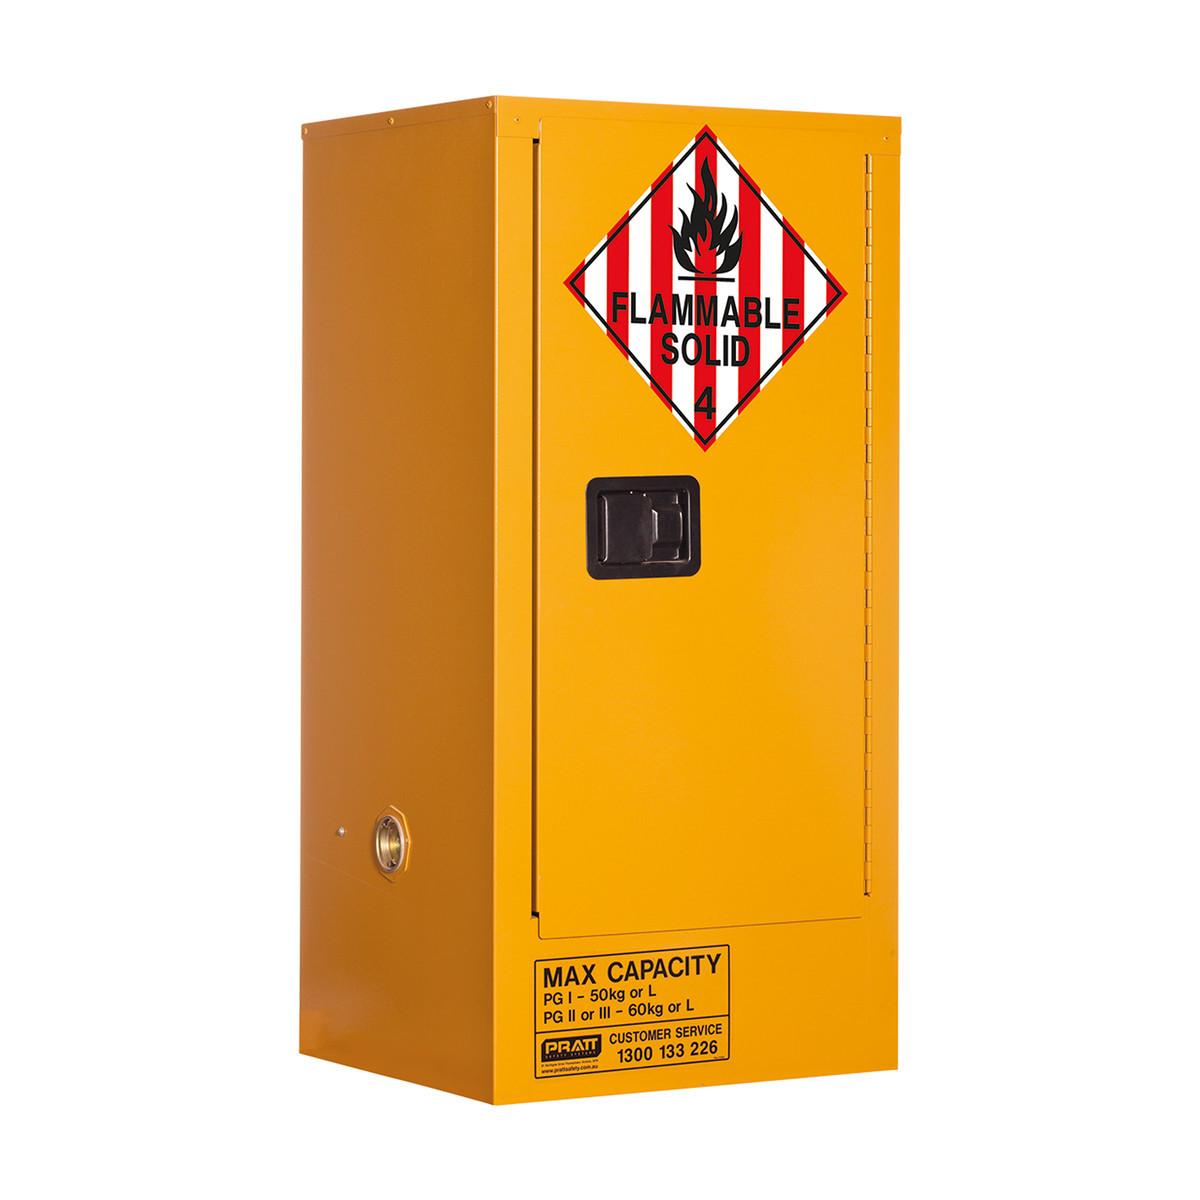 Class 4 Dangerous Goods Storage Cabinet 60 Liters - 1 Door, 2 Shelf